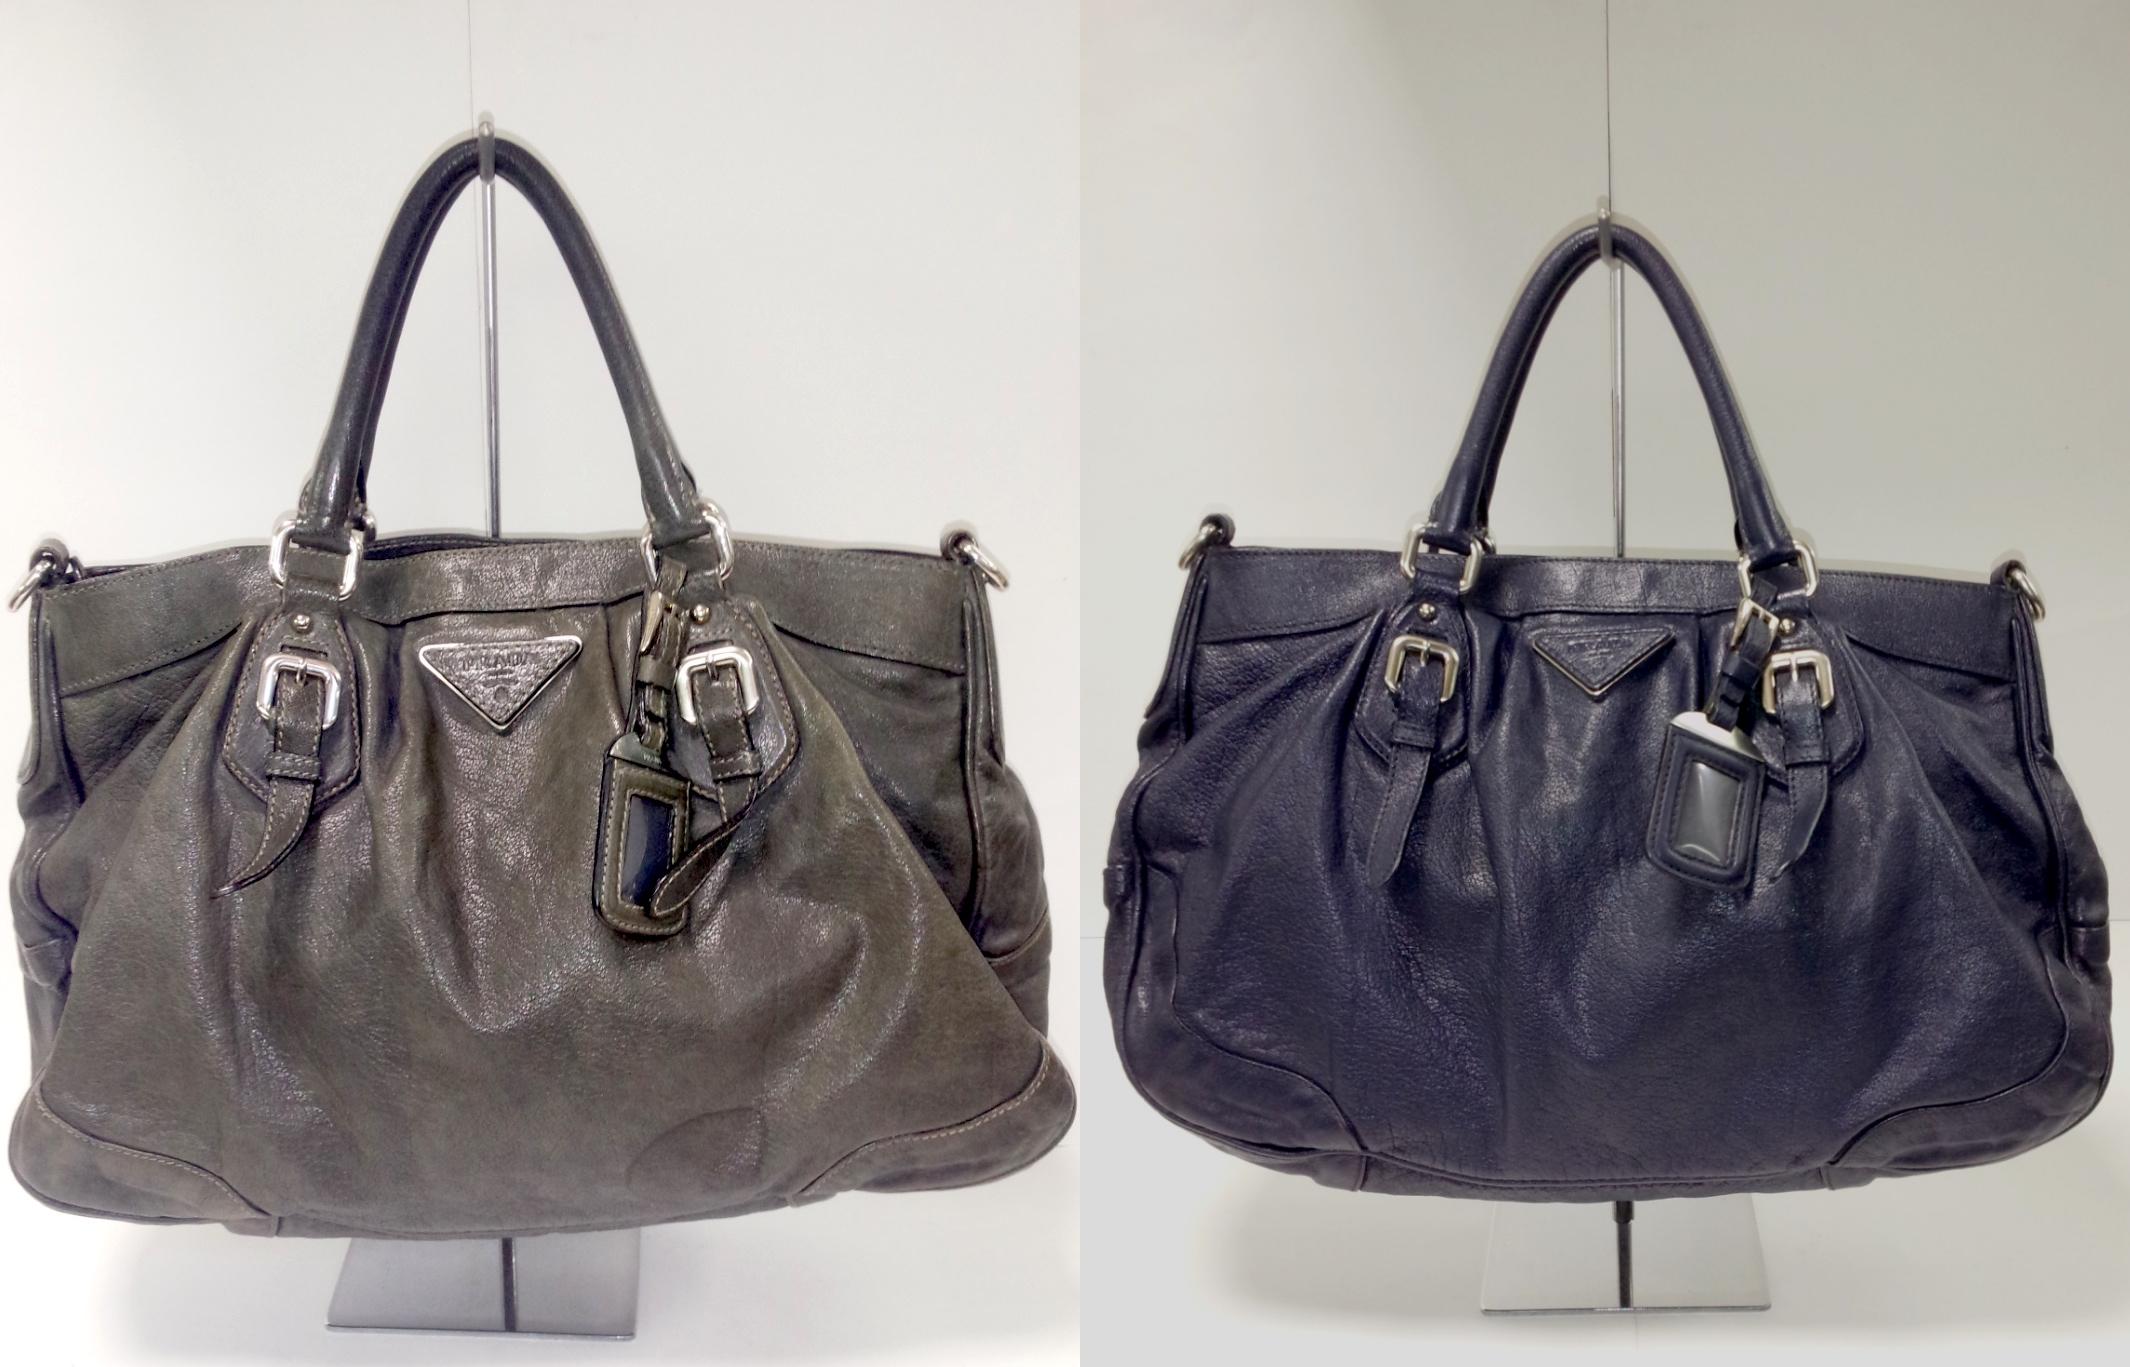 プラダ(Prada) 革ハンドバッグの色補修をご紹介